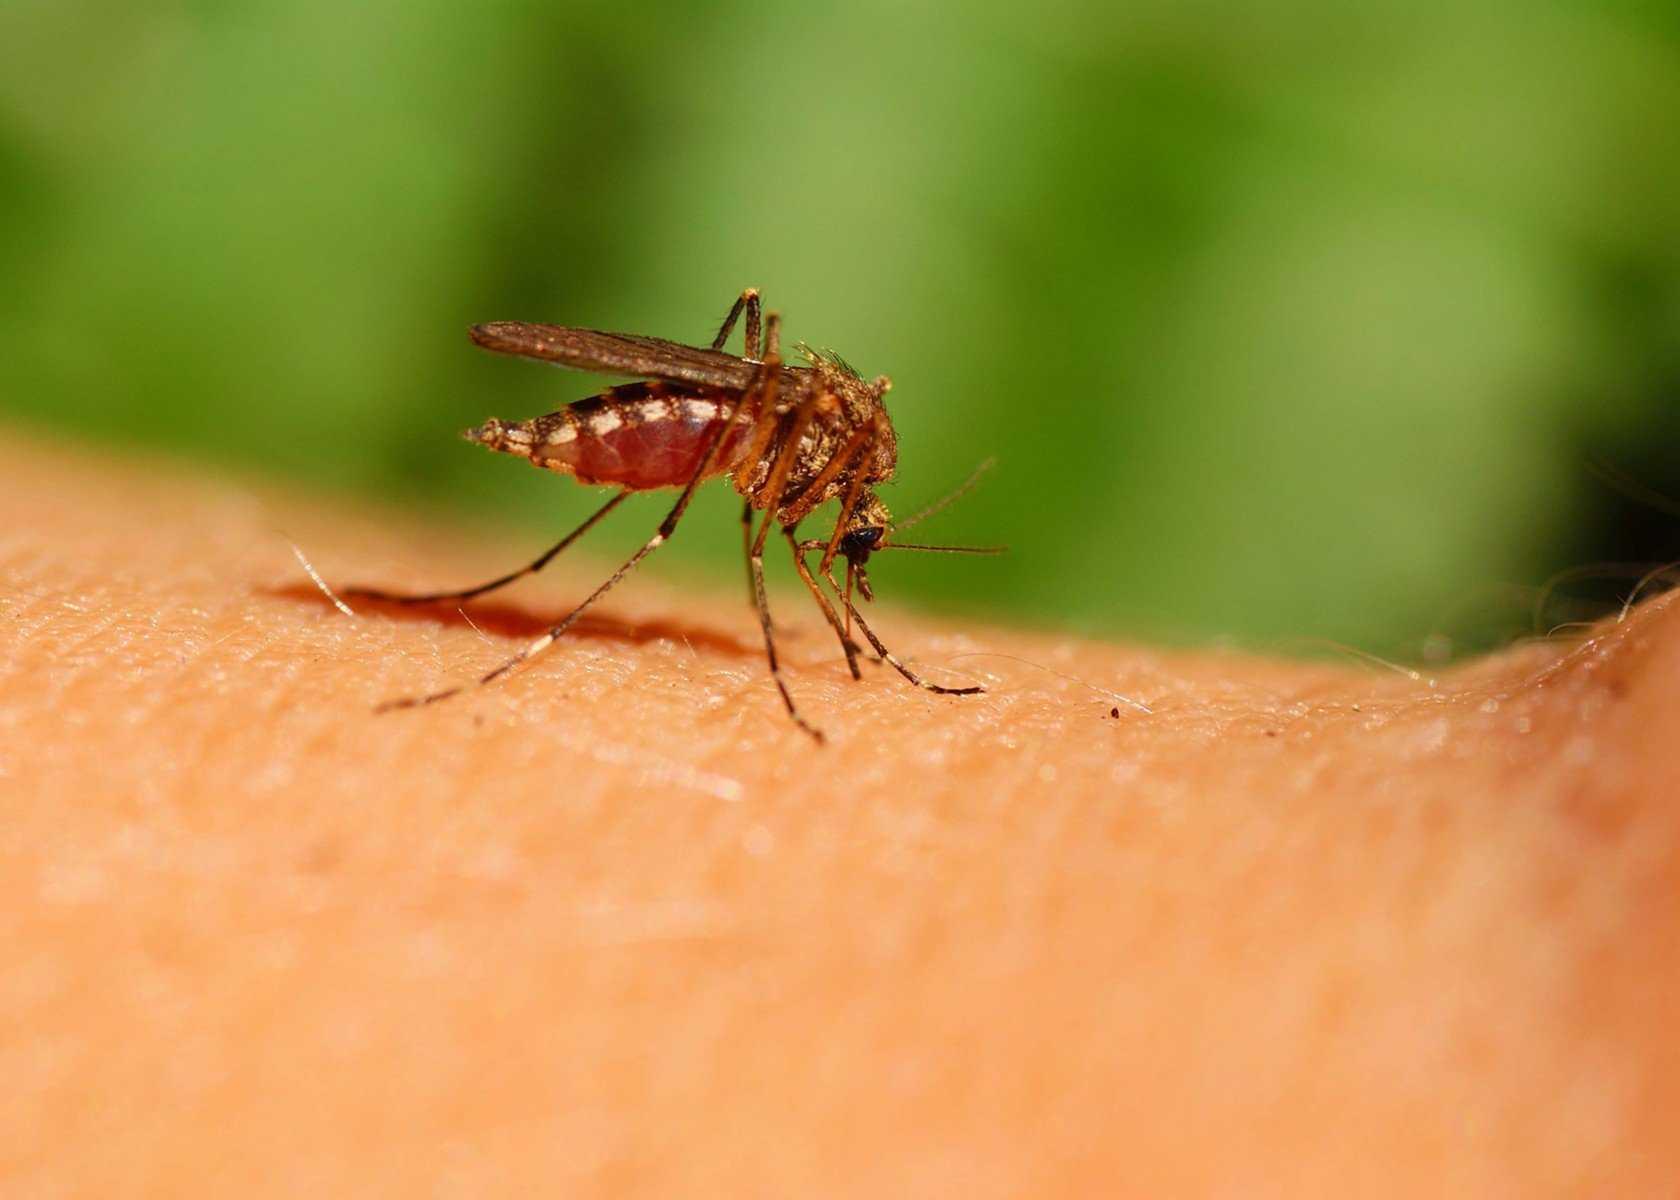 Как предотвратить и лечить укусы насекомых без агрессивных химикатов